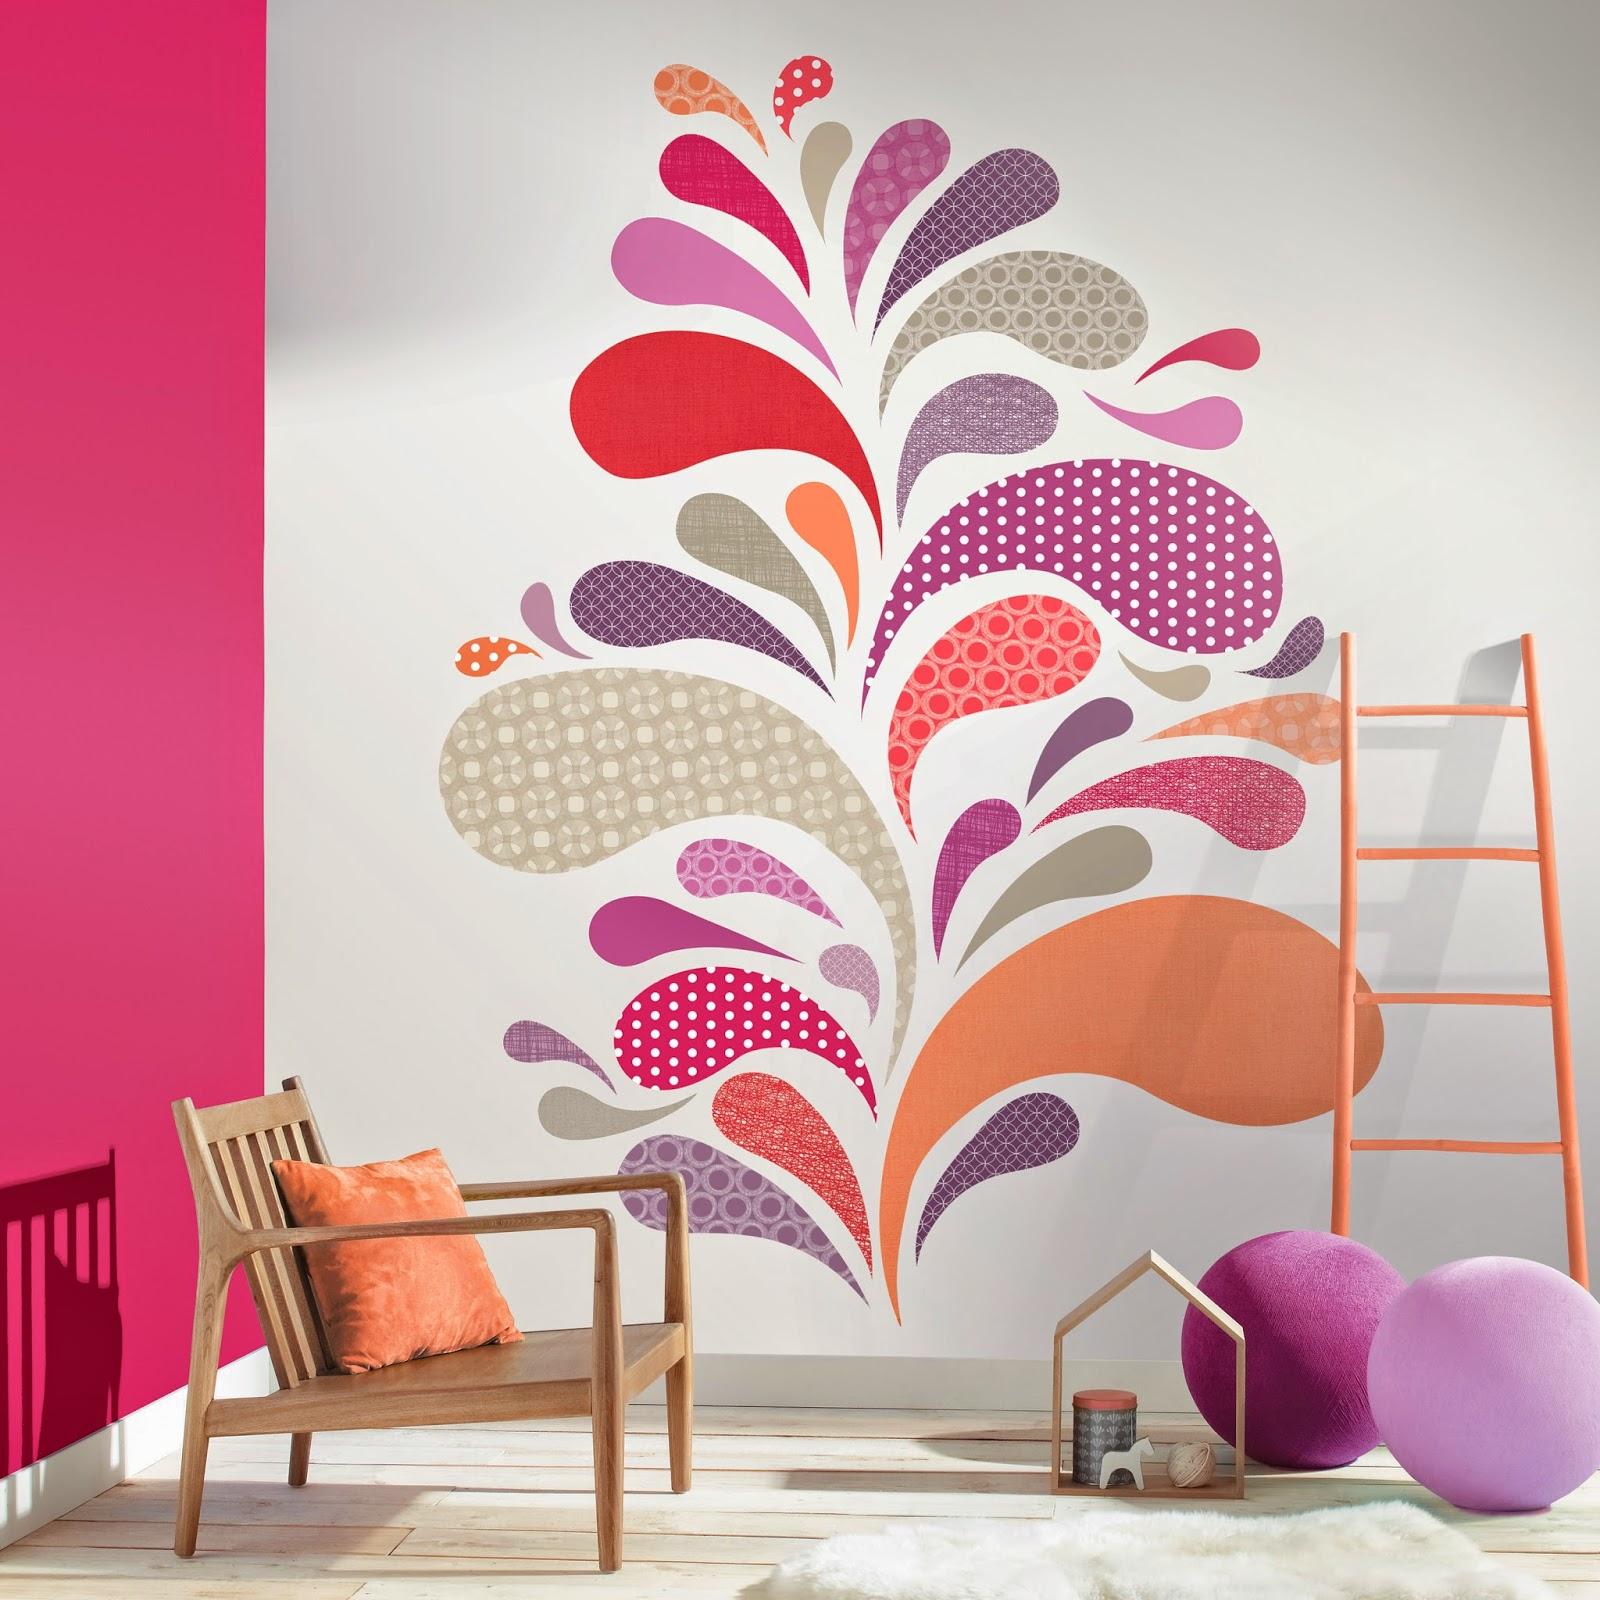 Boutique papel pintado mayo 2014 for Papel pintado fucsia